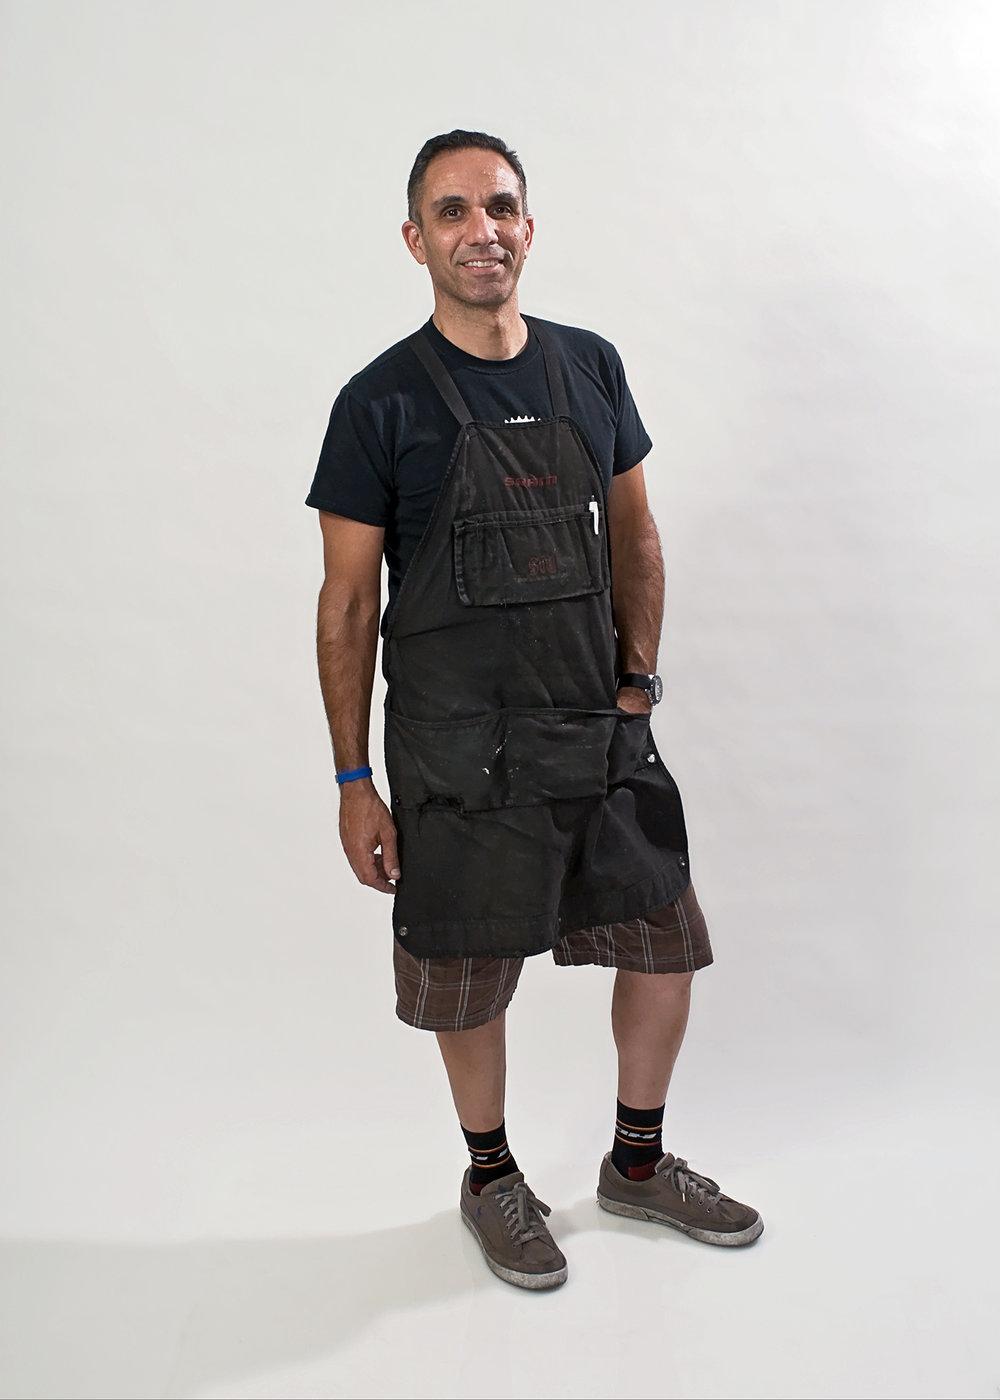 Dwayne  Master Bicycle Mechanic.